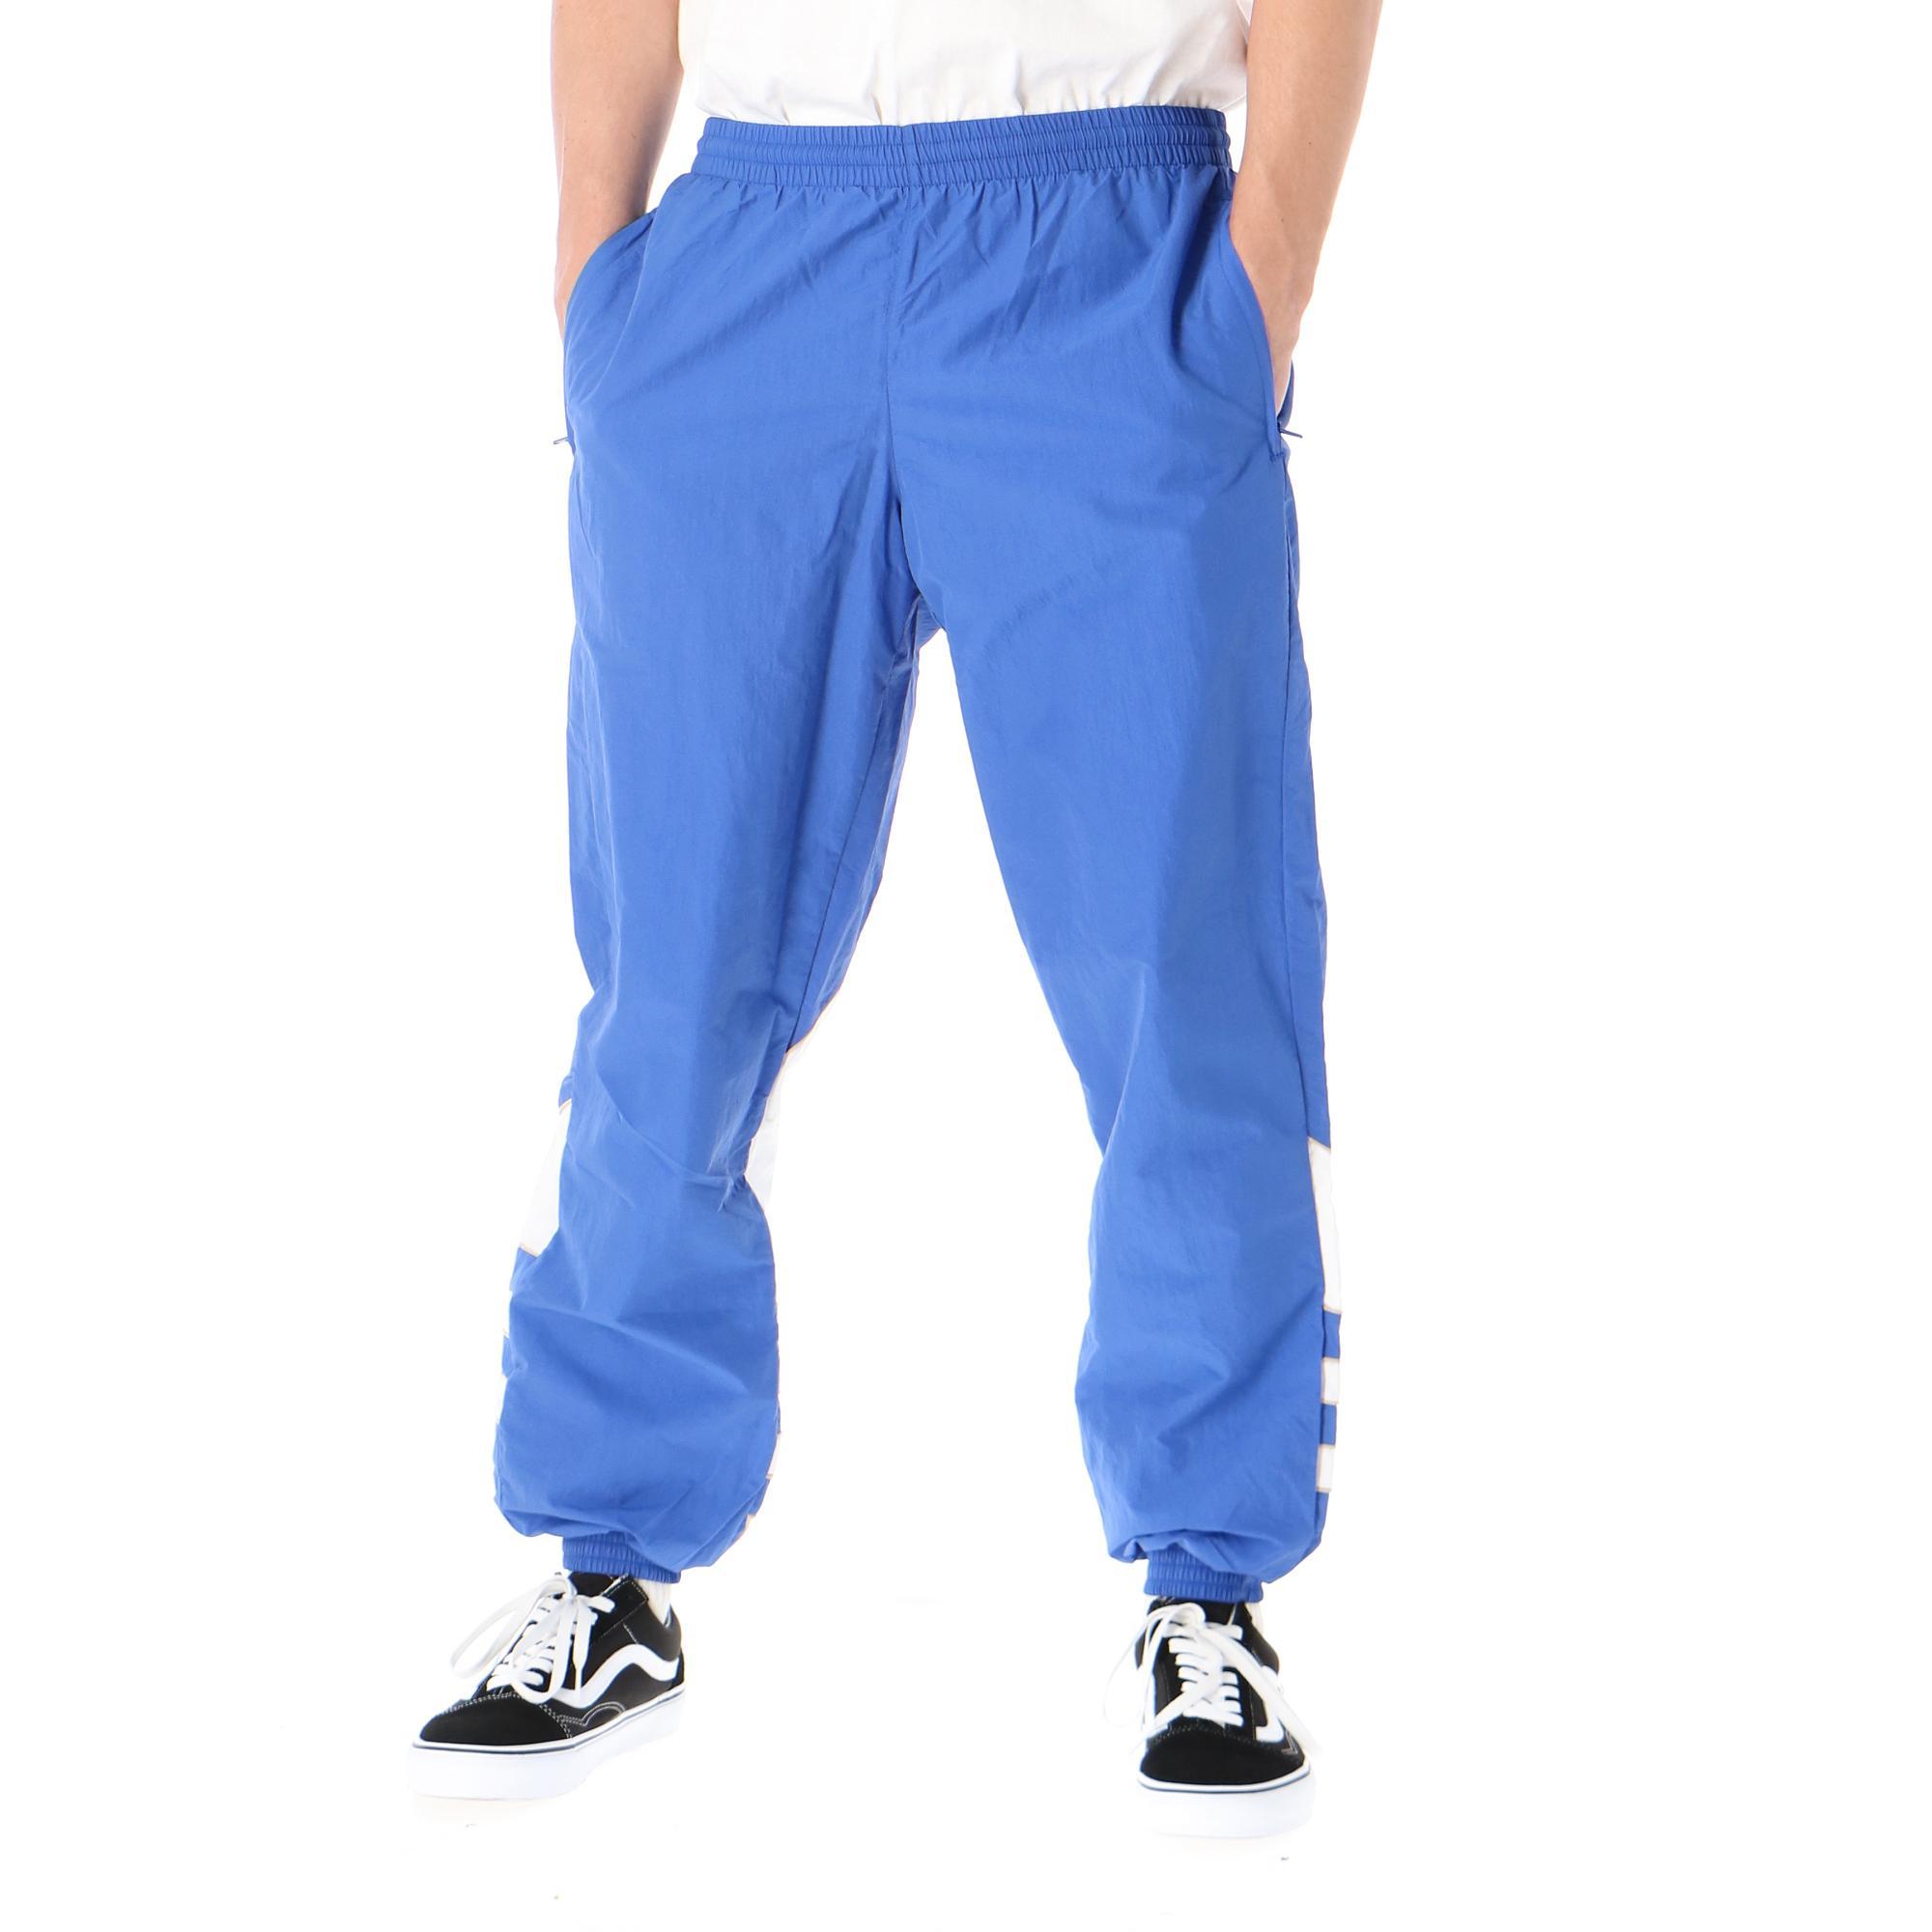 Adidas B Trf Out Wv Tp Royal blue white trace khaki